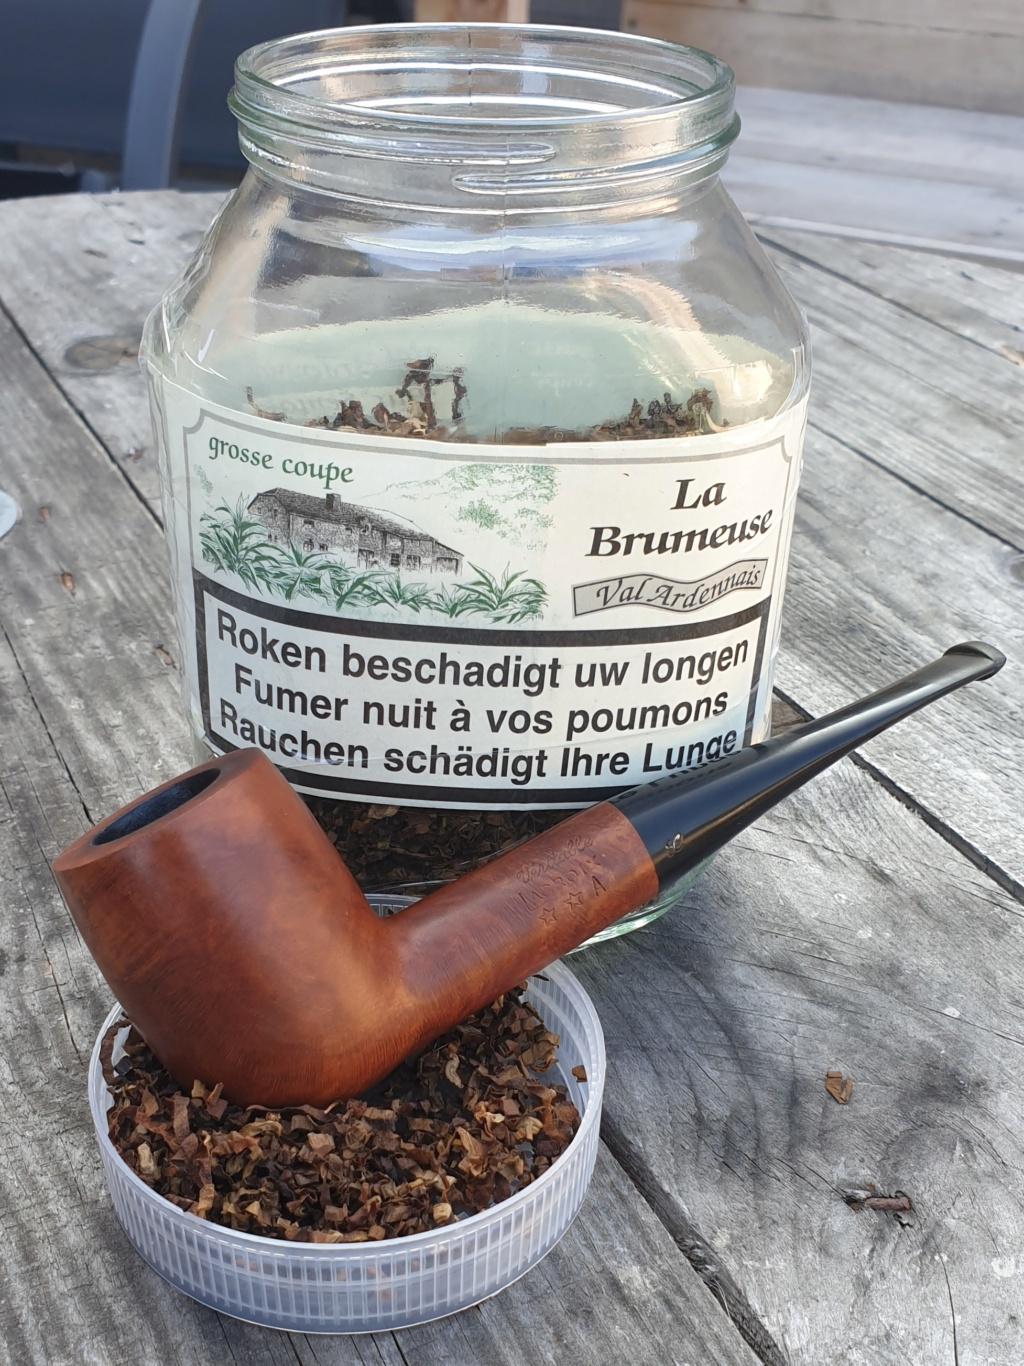 Ce jeudi 17 septembre, m'asseoir sur un banc une p'tite heure avec toi, petuner du tabac tant qu'y en a...  20200962